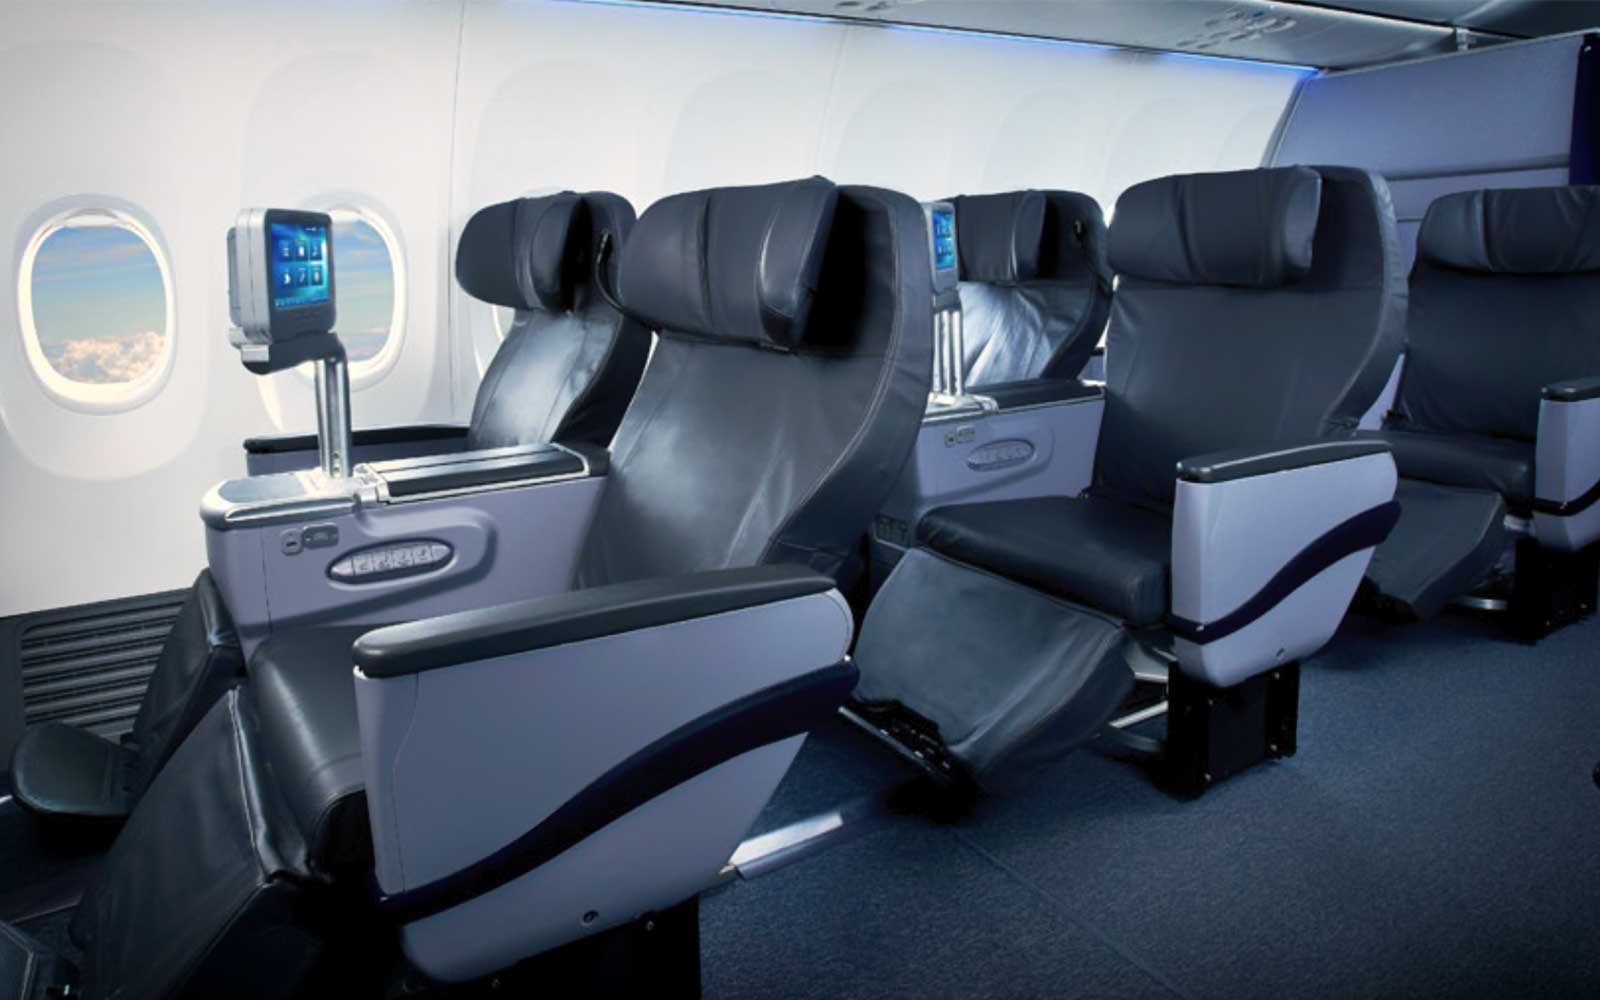 Ua Luggage Passagens A 233 Reas Em Classe Executiva Para Miami A Partir